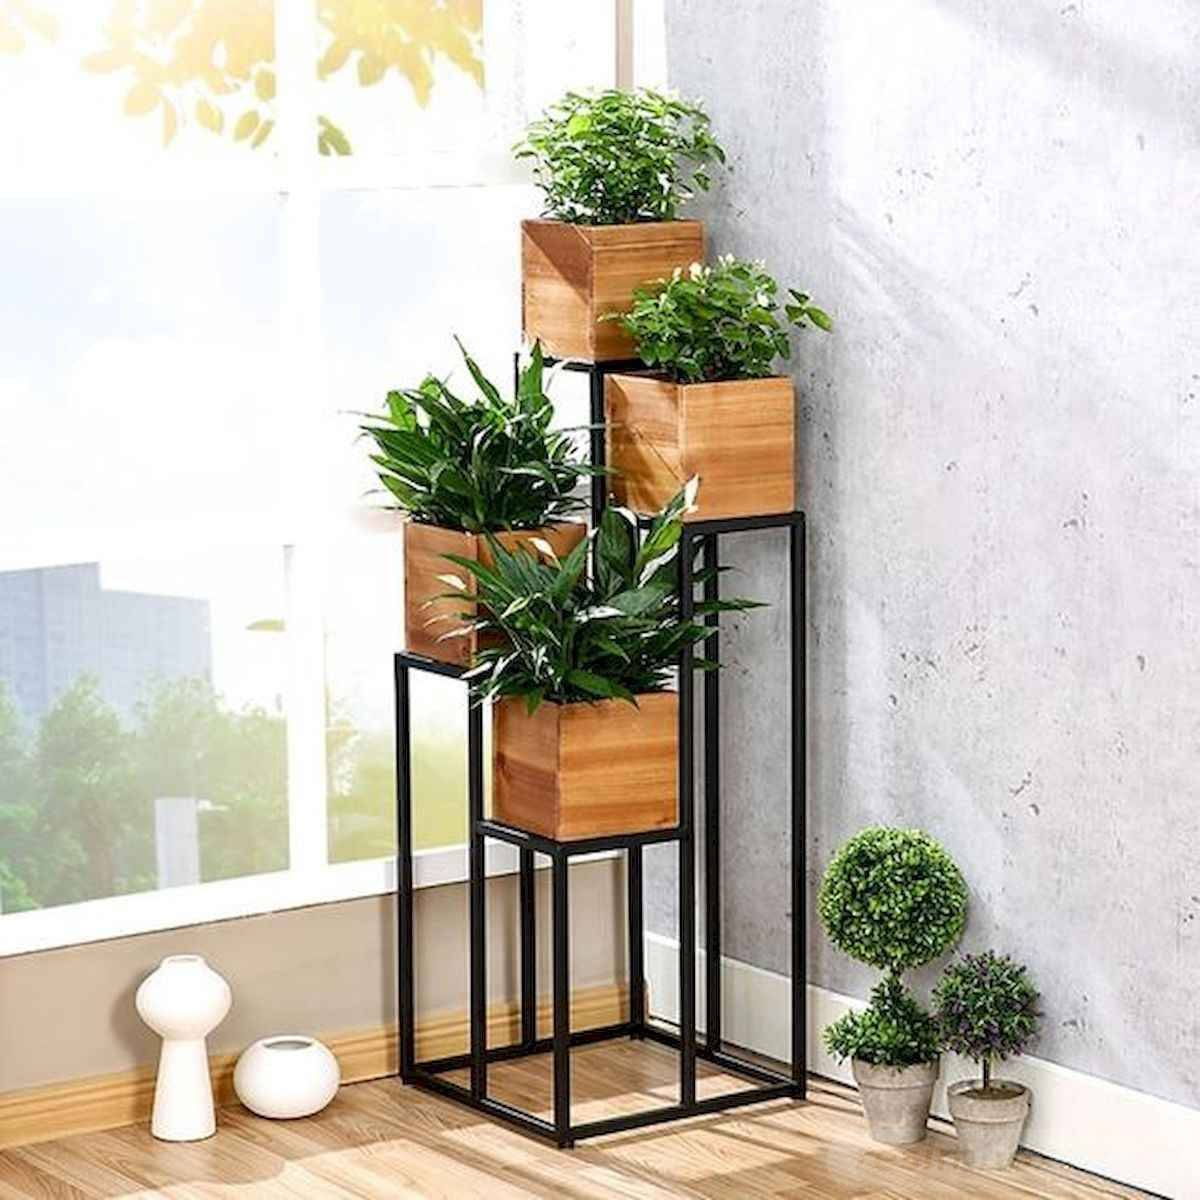 garden pot design-166703623693260362